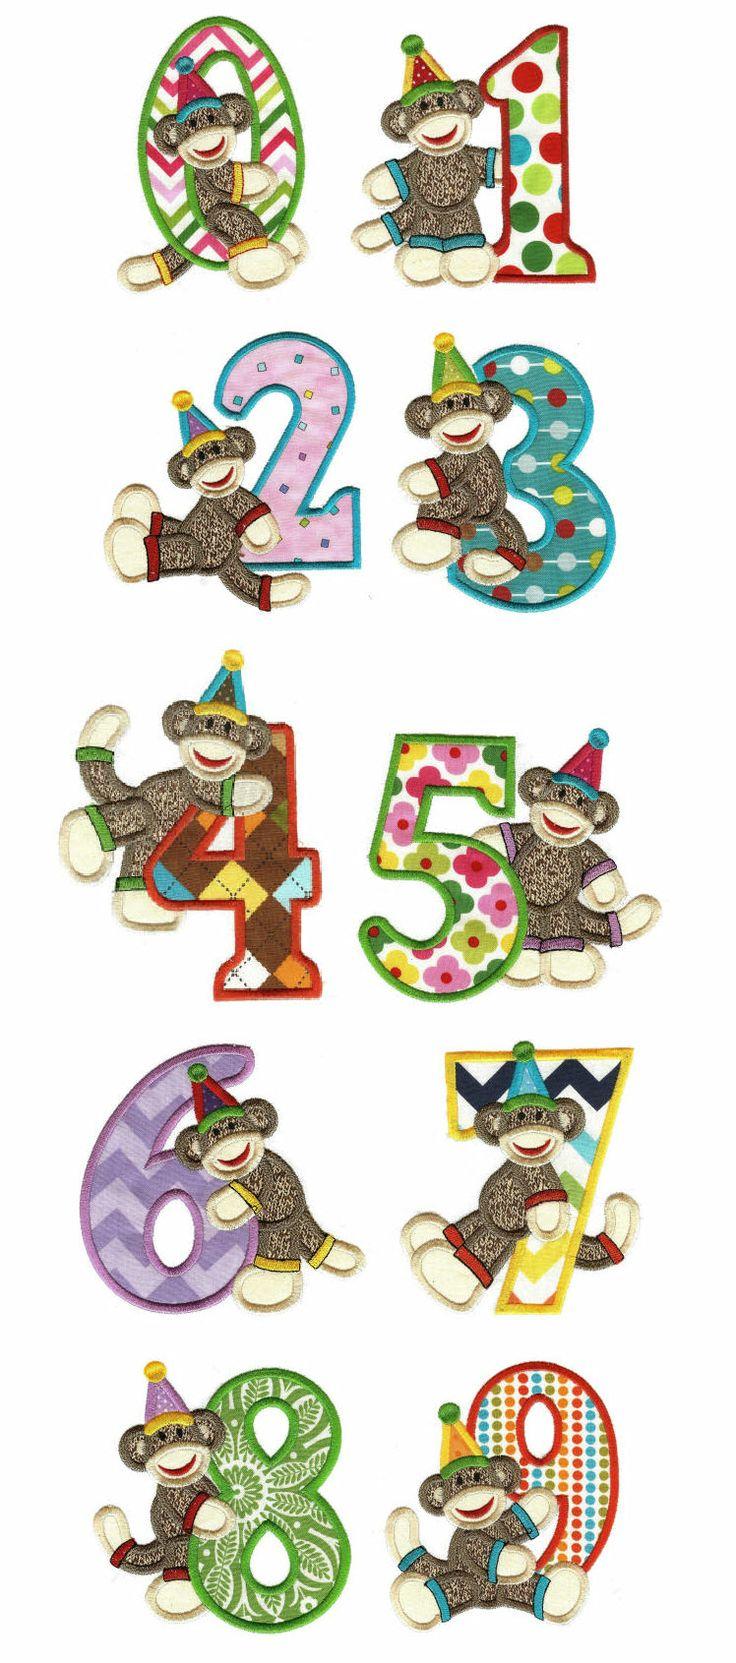 60 besten letras Bilder auf Pinterest | Buchstaben, Alphabet ...